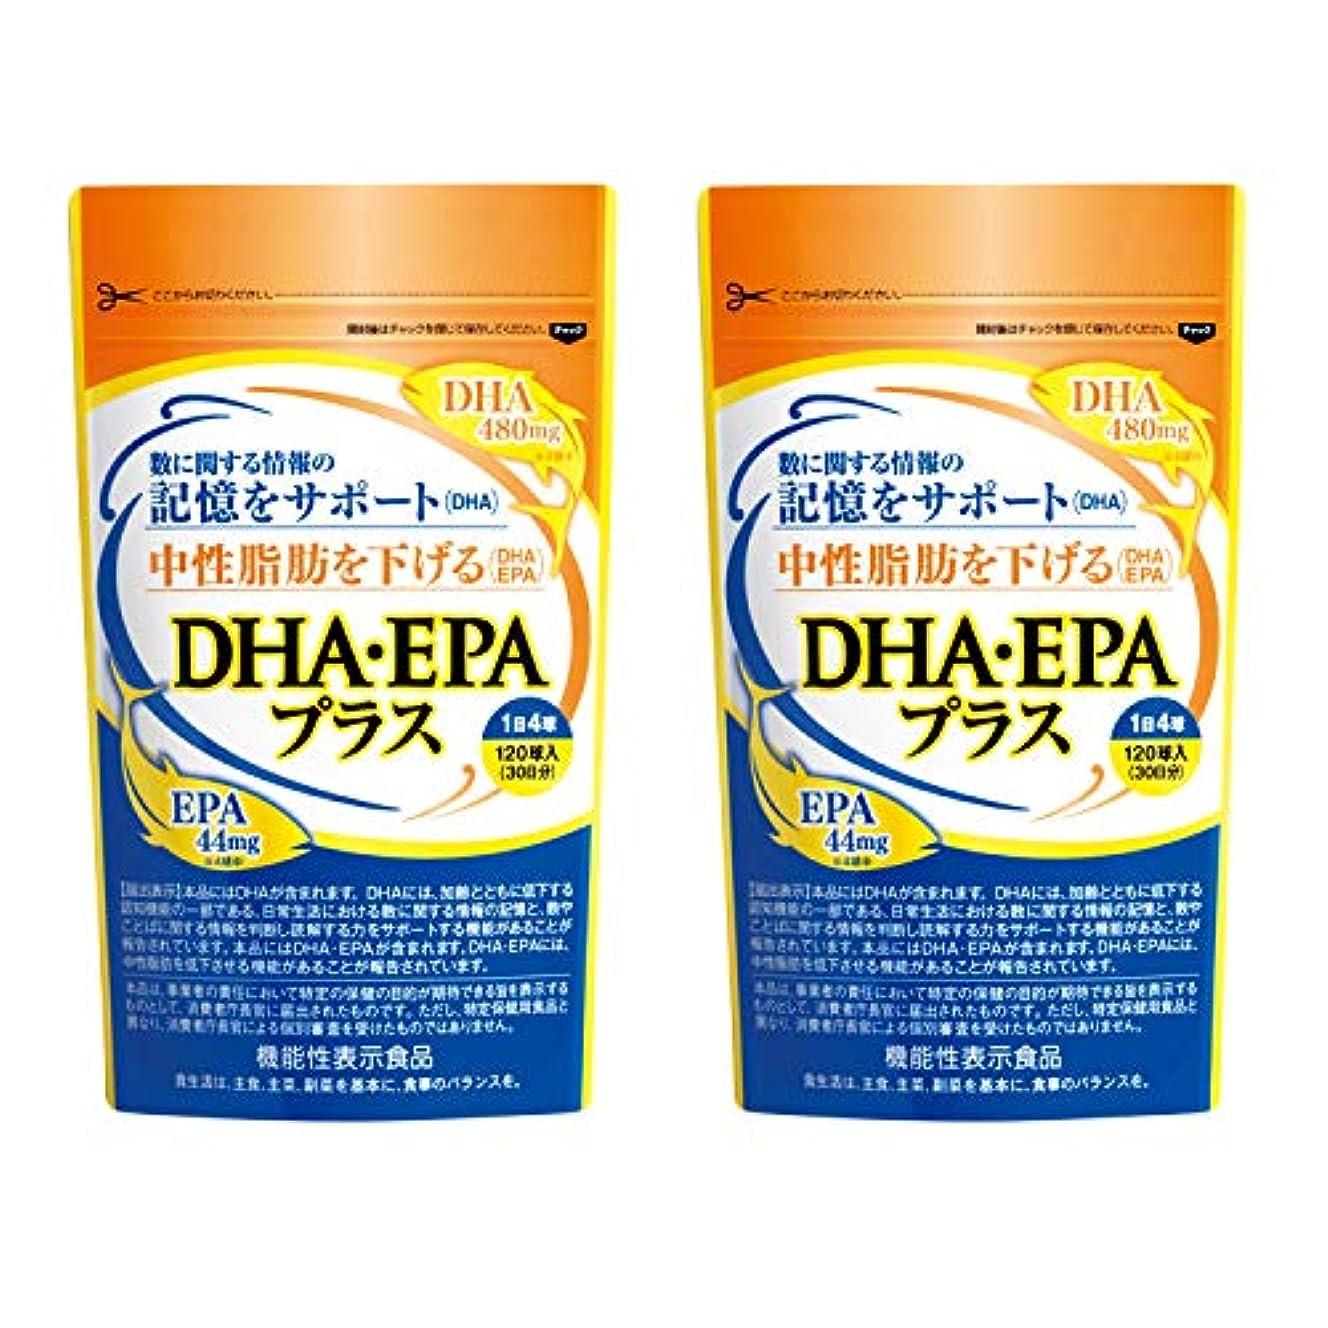 外交官危機ピーク【機能性表示食品】DHA?EPAプラス 2パックセット